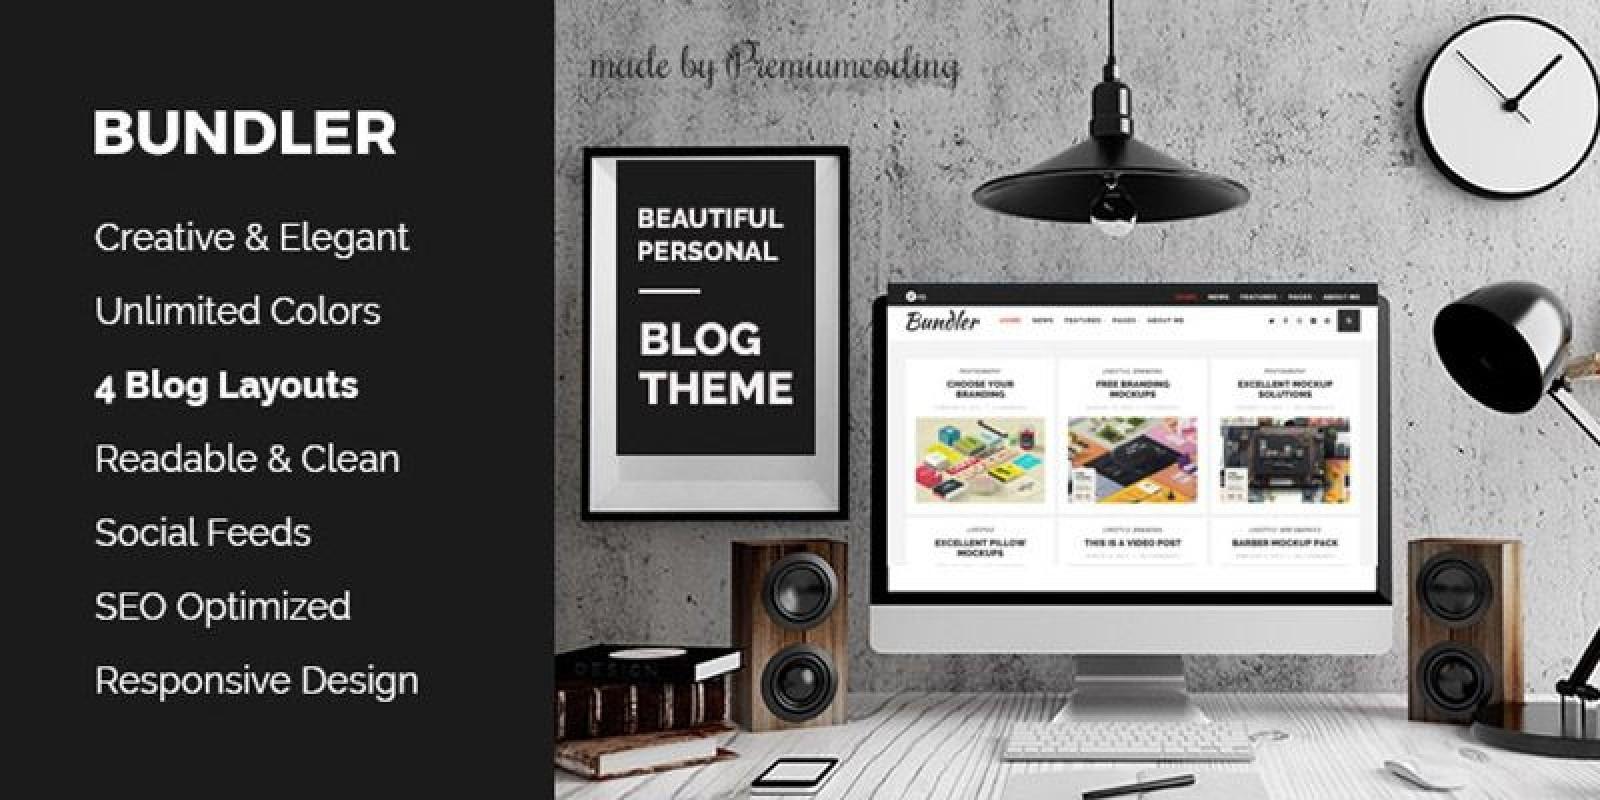 Bundler - WordPress Blog Theme